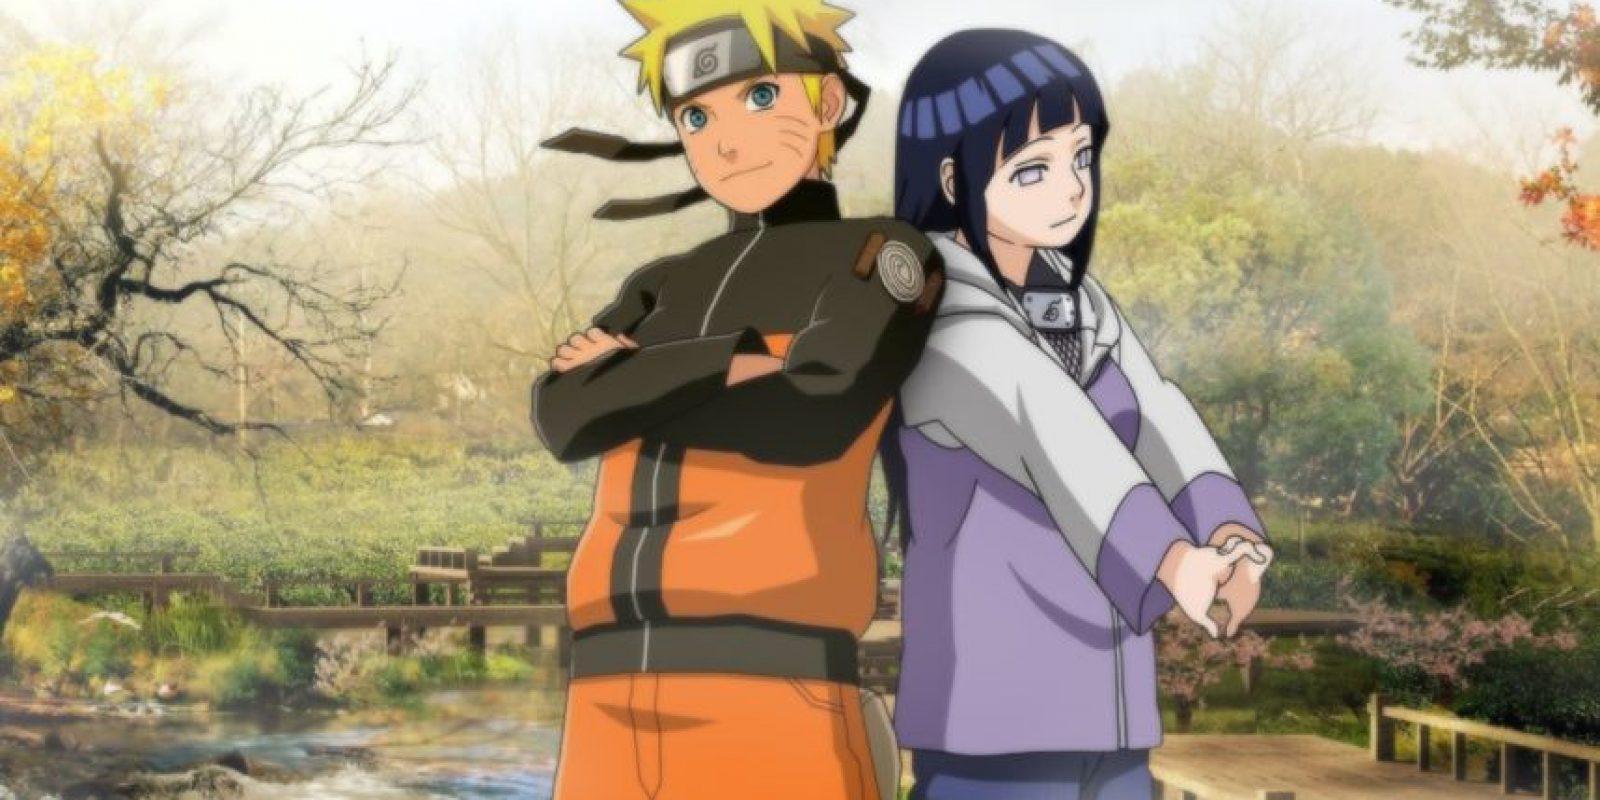 """Como Naruto ocurre en un """"mundo imaginario japonés"""" (esto lo dijo su autor Mashashi Kishimoto), puso ciertos elementos de contemporaneidad y de su propia realidad. Los sellos de mano zodiacales se basan en la astrología china. La """"Aldea Oculta de la Hoja"""" se basó en la prefectura de Okayama, donde vive él mismo. Afirmó alguna vez que agregaría elementos de tecnología moderna como computadoras. Foto:Tv Tokyo"""